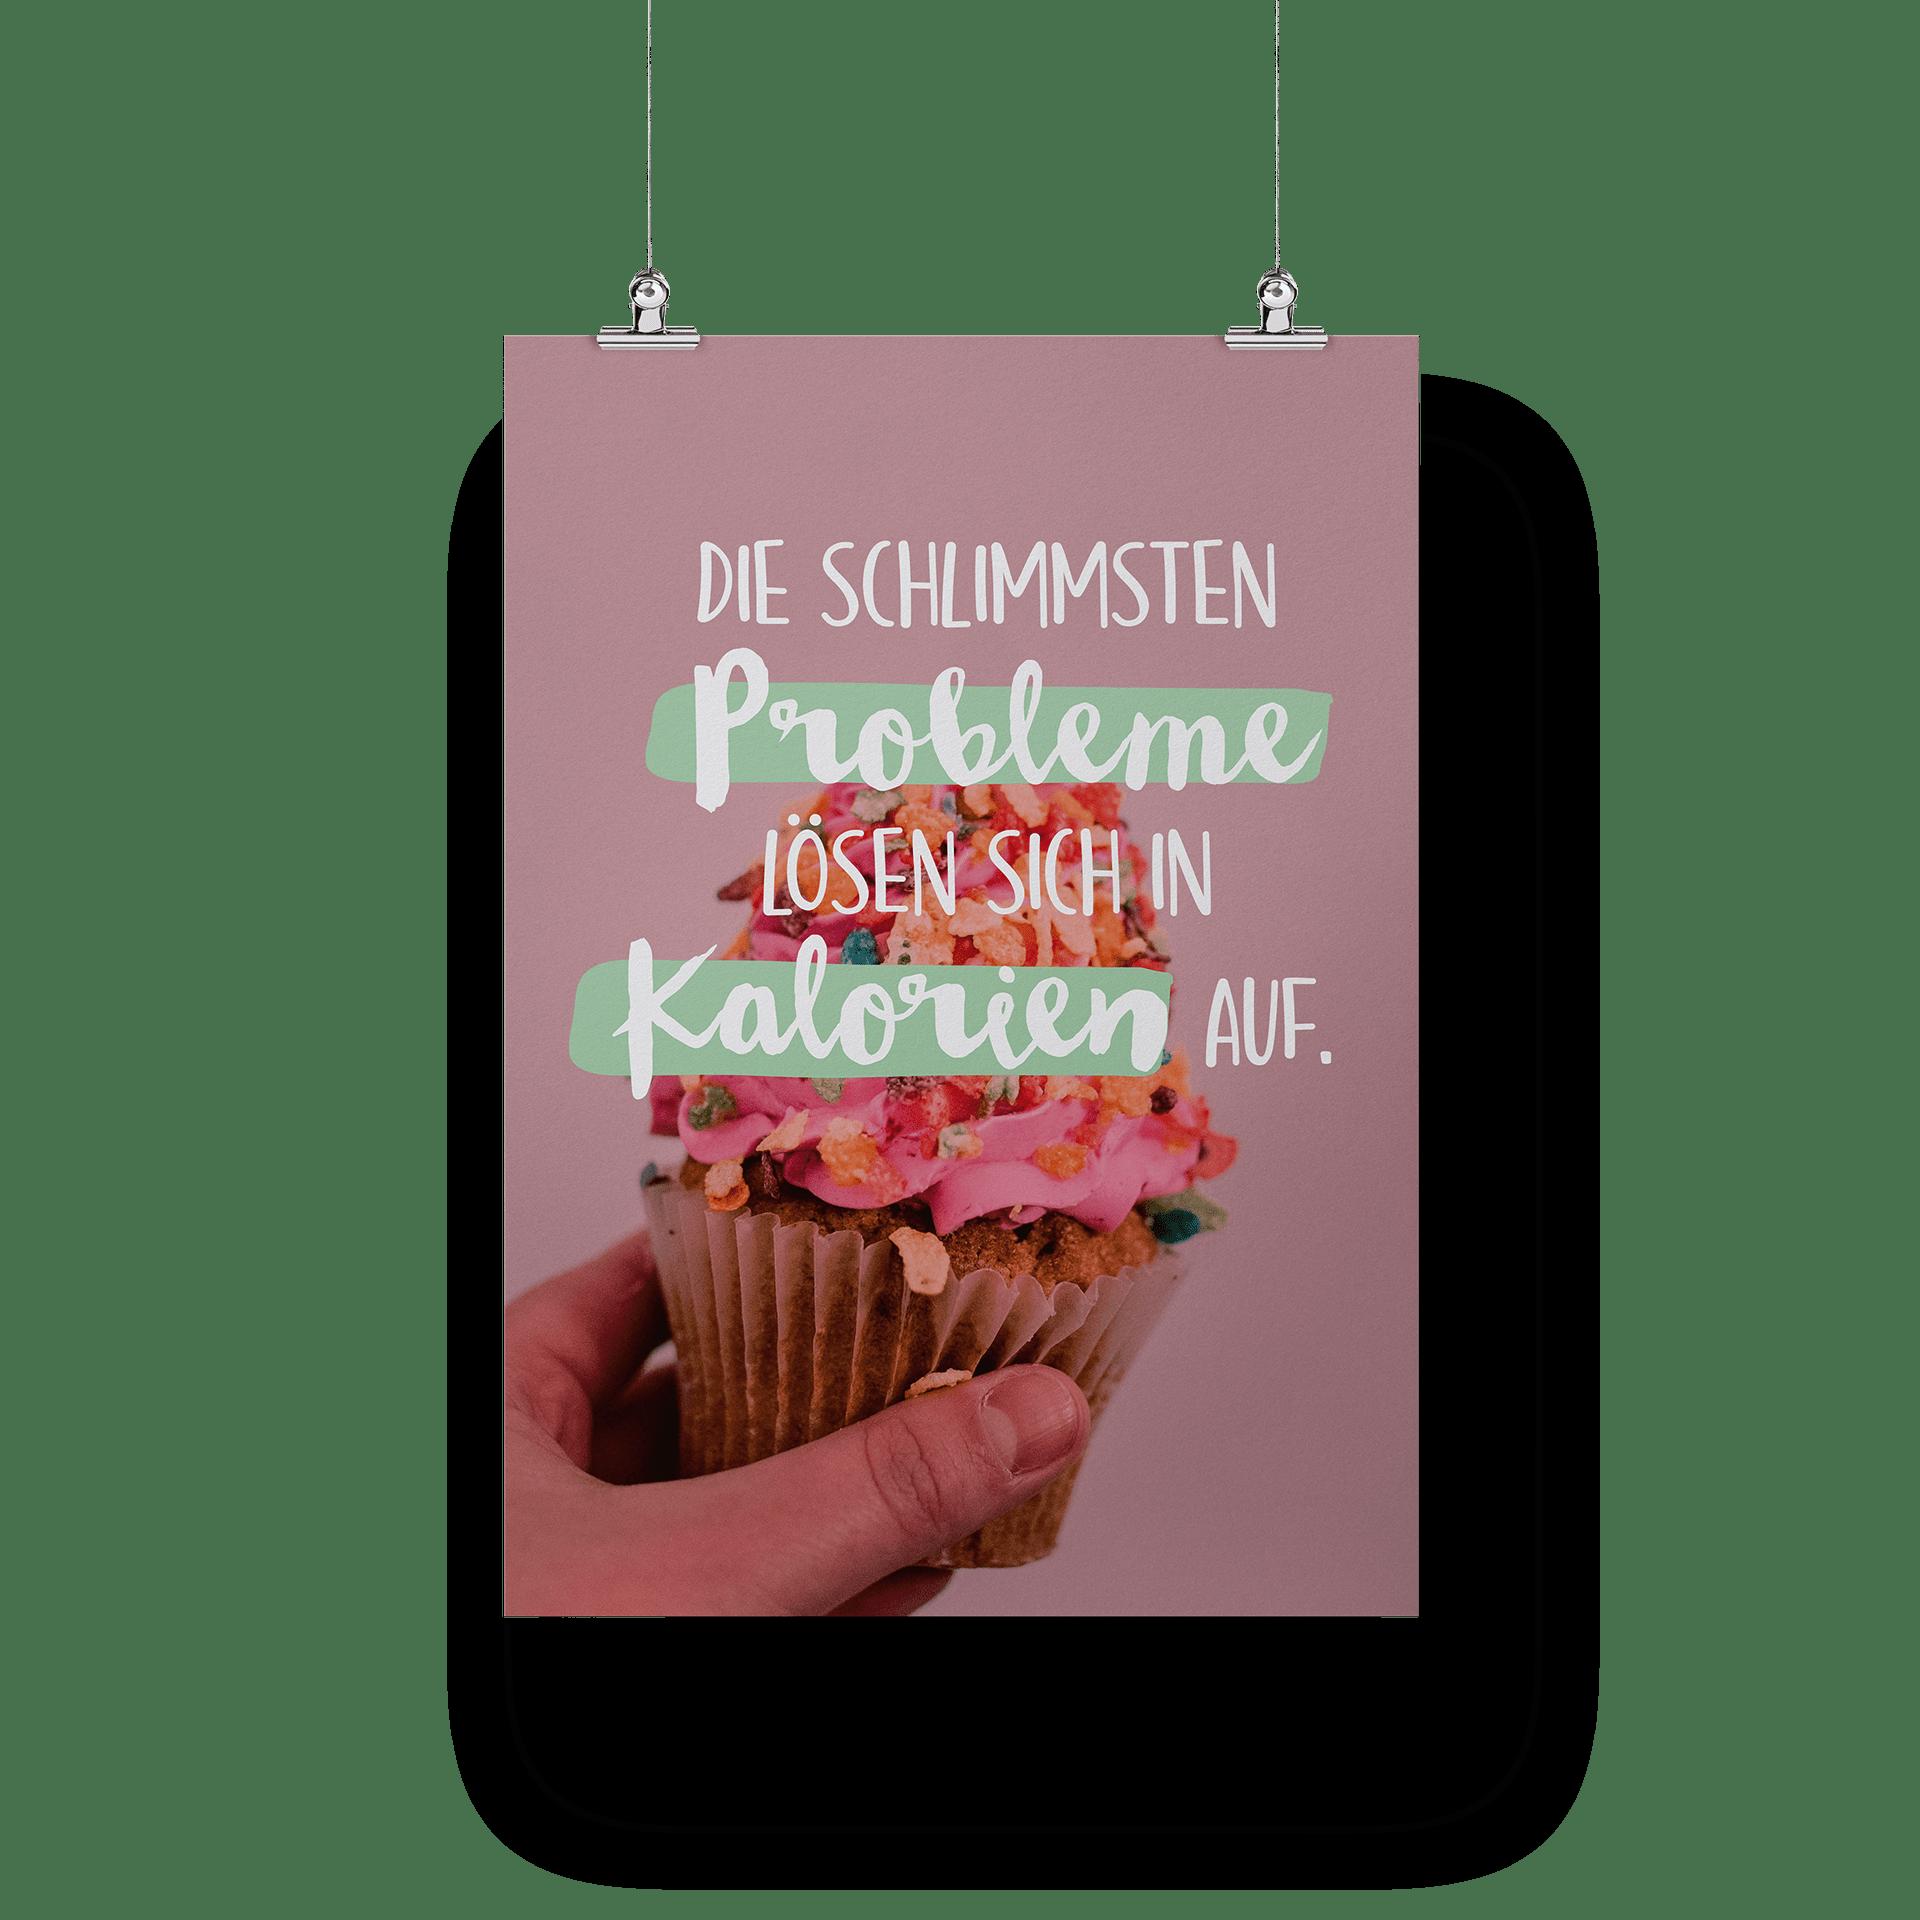 Die schlimmsten Probleme lösen sich in Kalorien auf - Poster